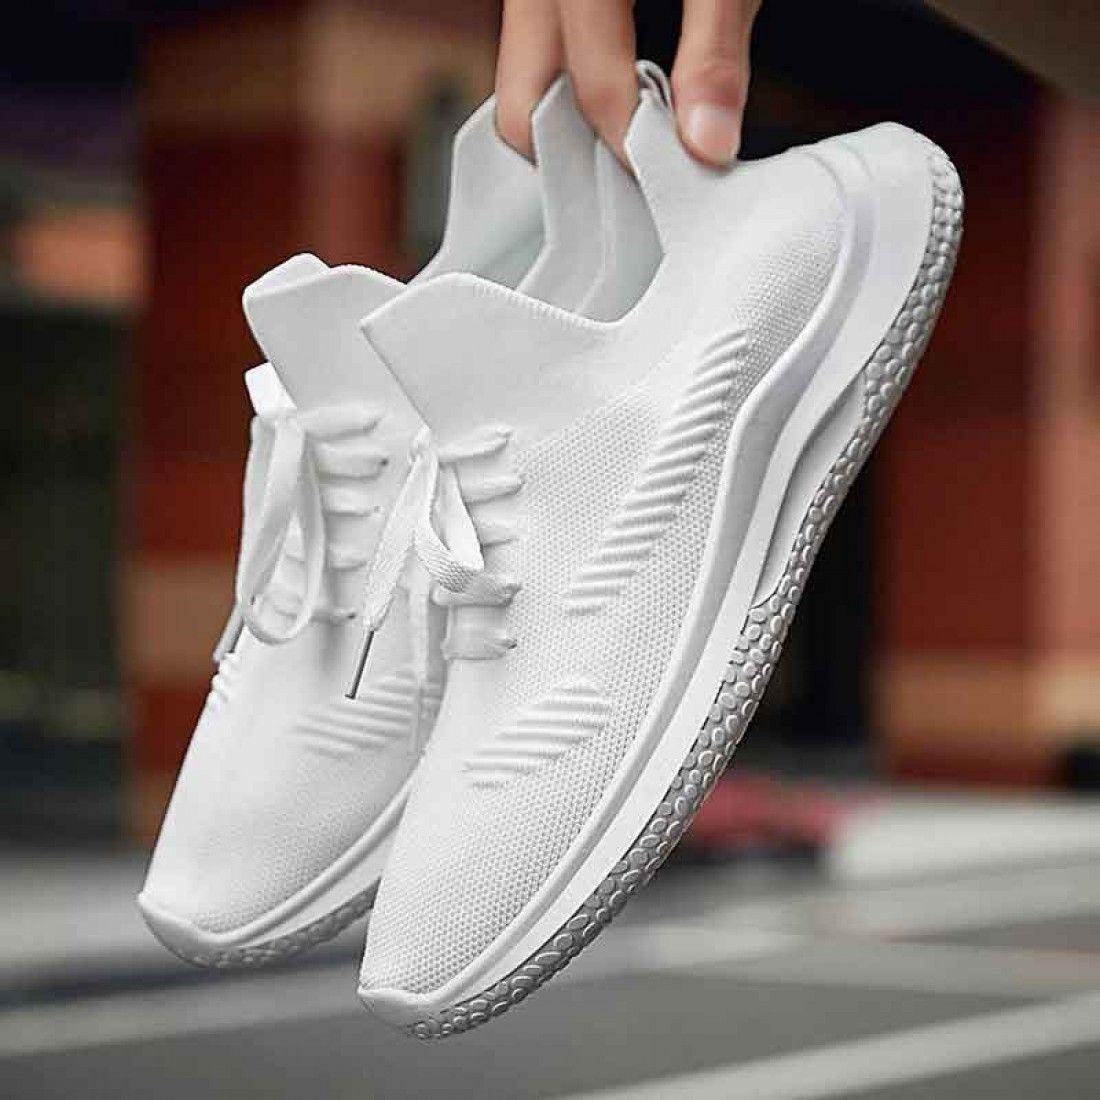 Full White Sneaker Stylish Lightweight Converse For Men White Gym Shoes White Sneaker Sneakers